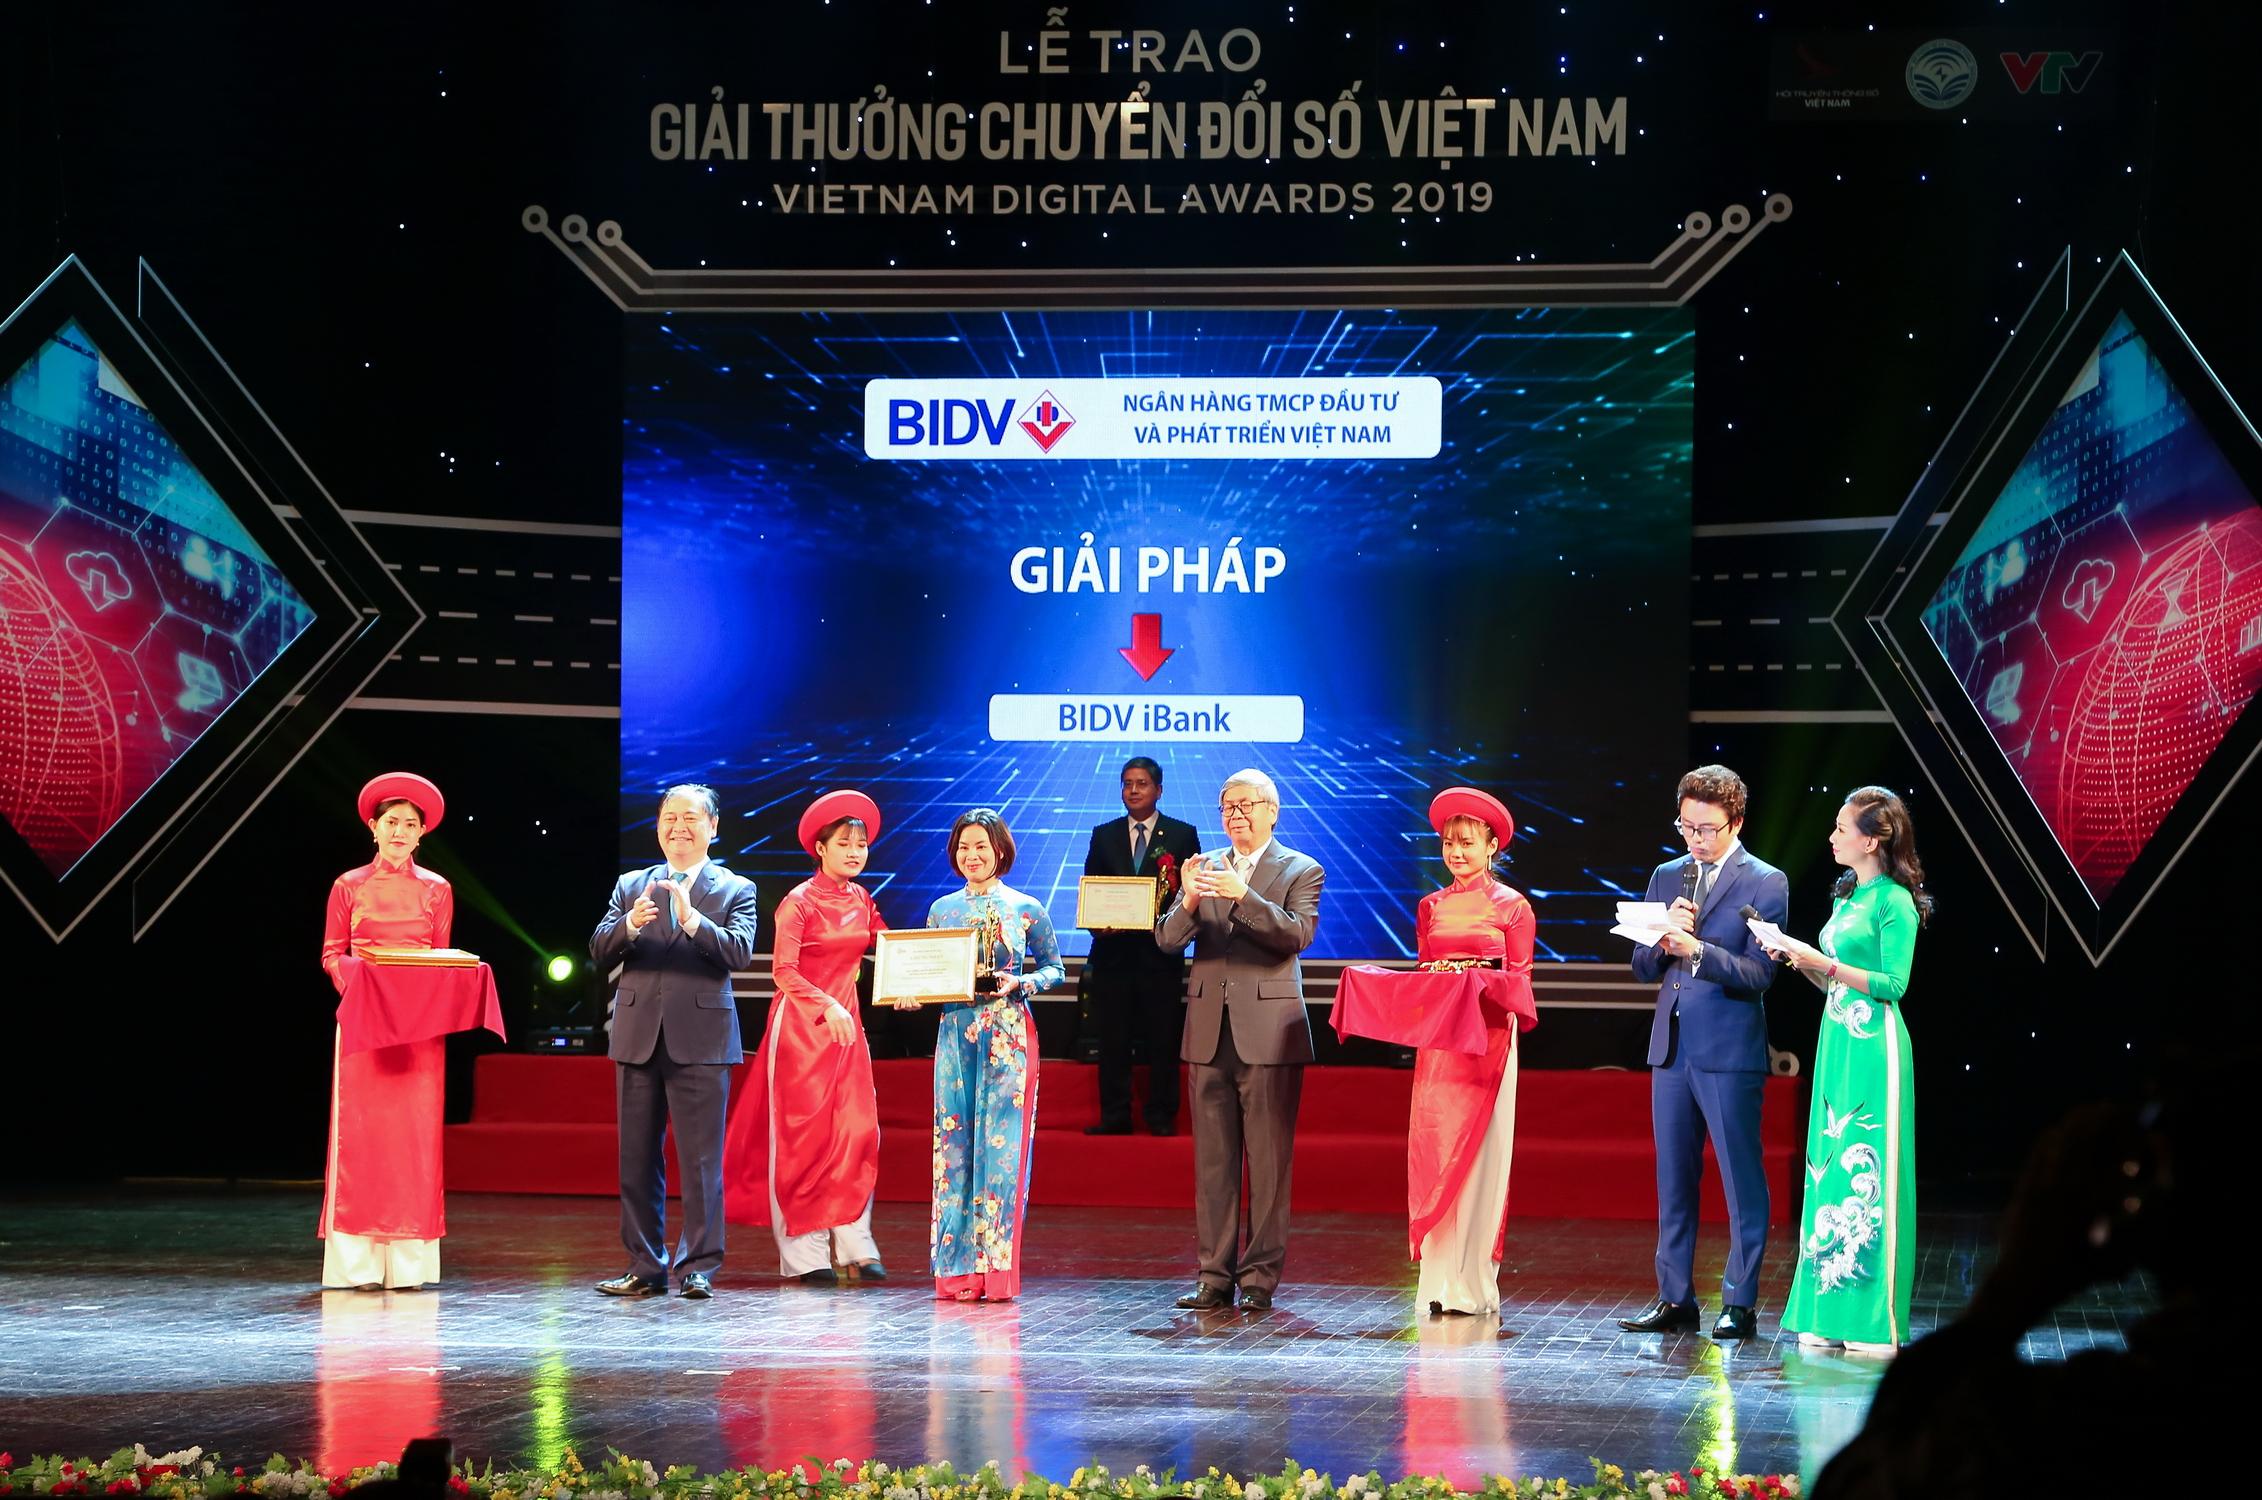 BIDV - doanh nghiệp chuyển đổi số xuất sắc  - Ảnh 1